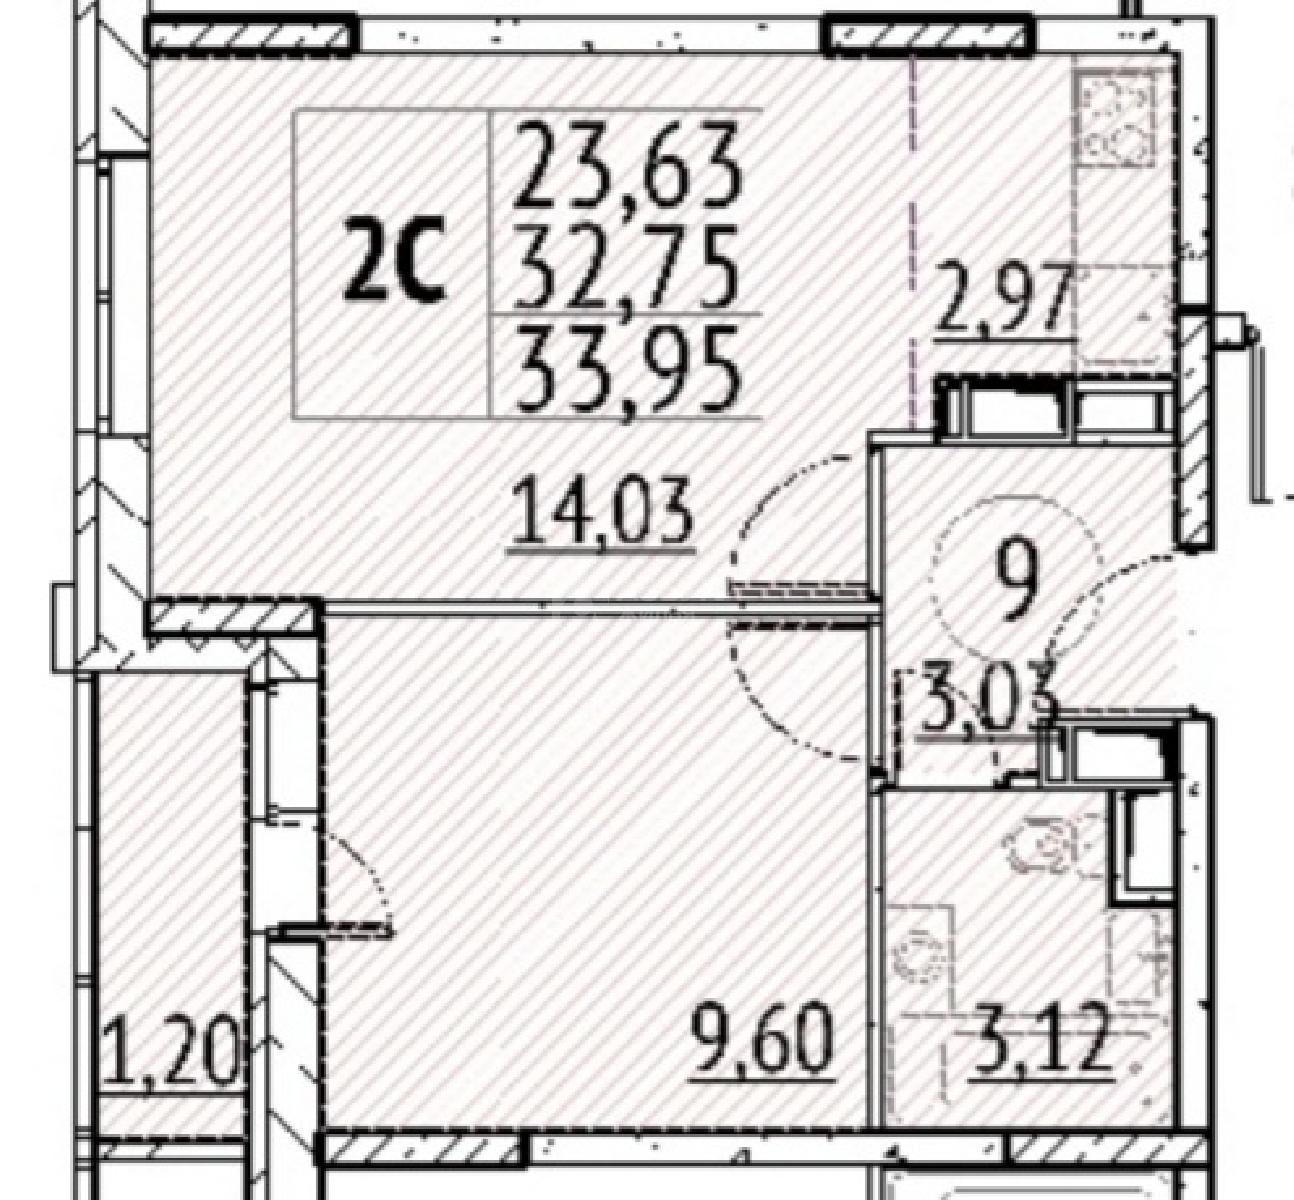 Фото №4 - 2-комнатная квартира, Москва, село Остафьево, Остафьево улица 14 корпус 3